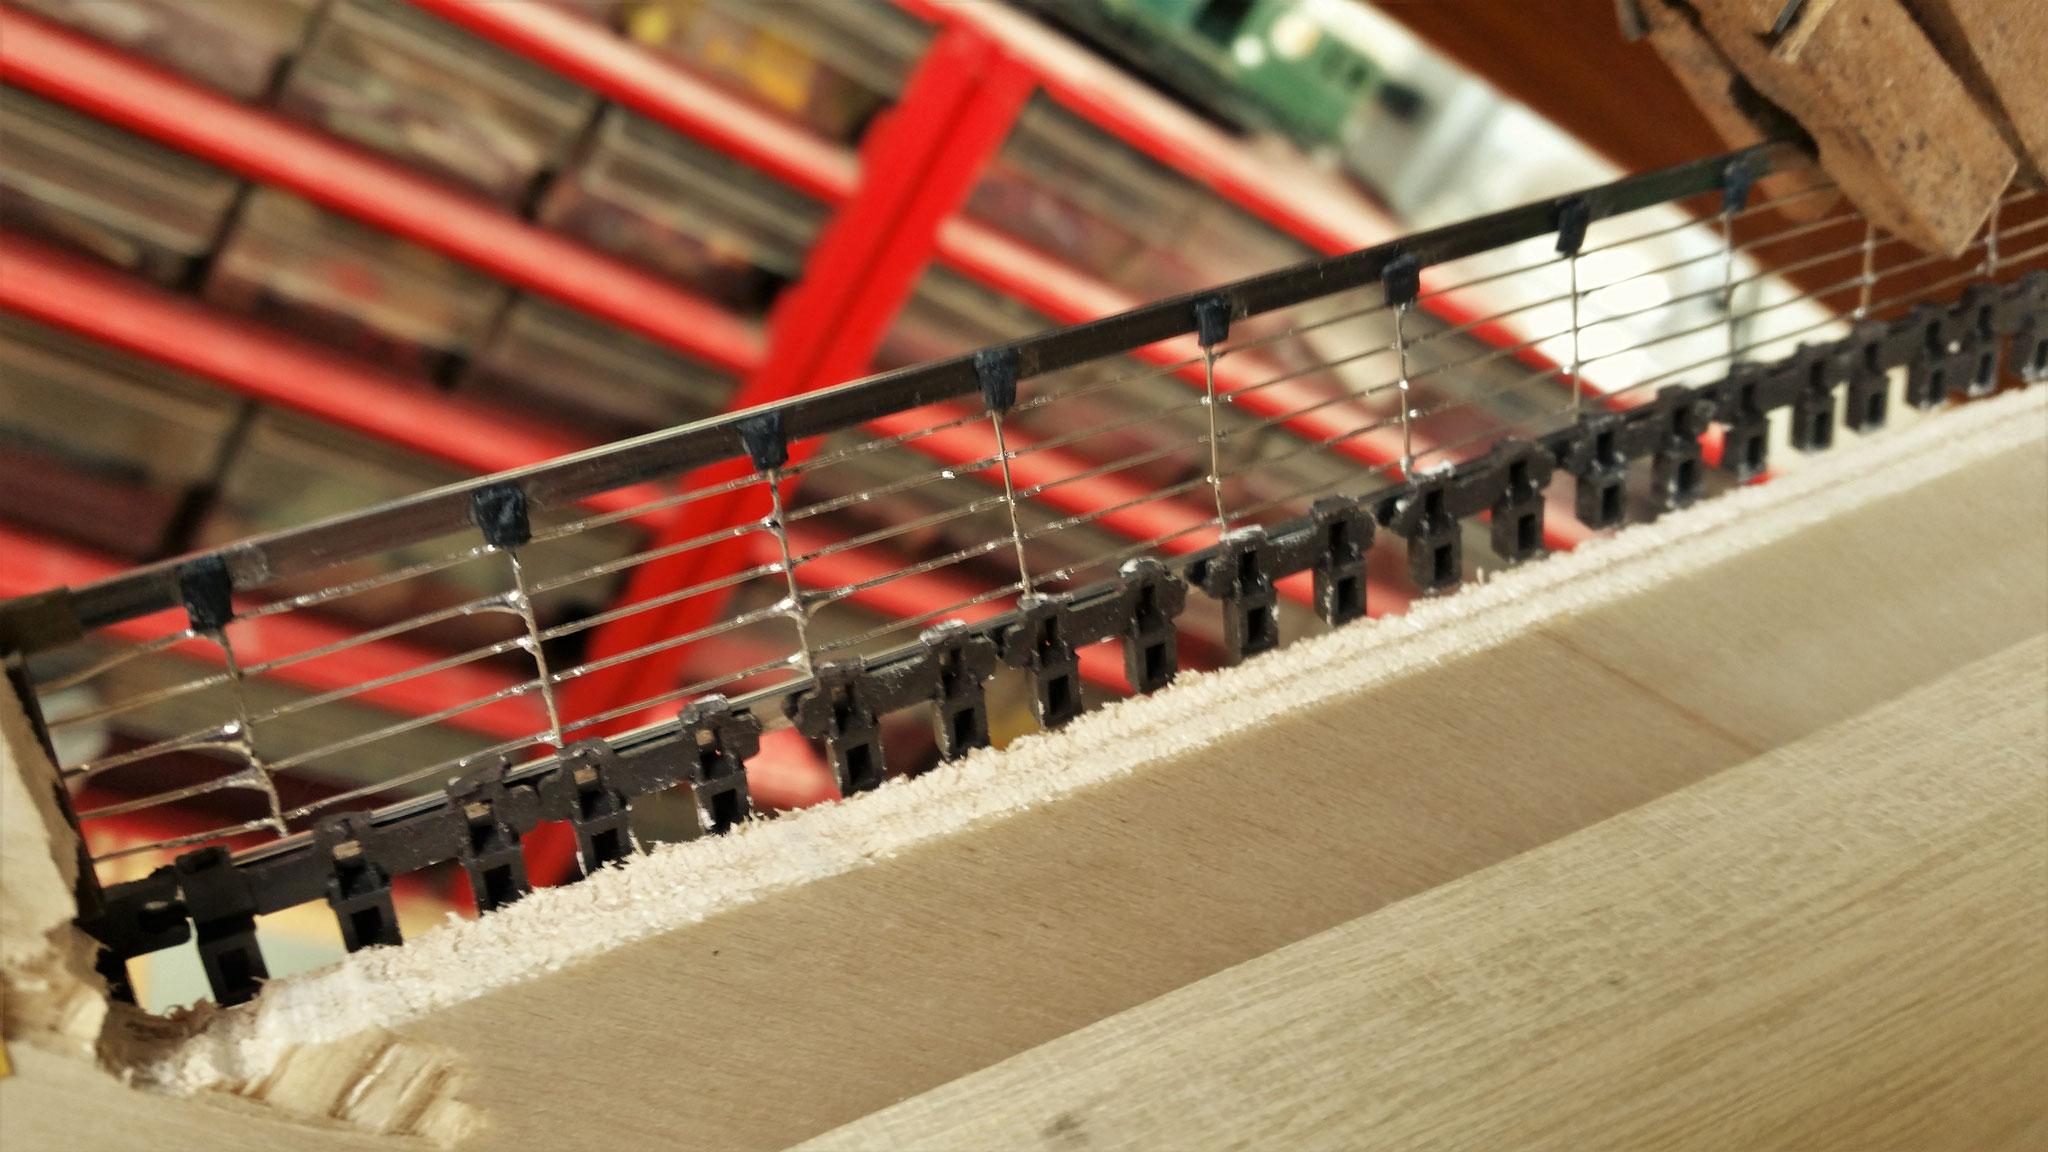 Die Drahtenden der Querträger werden mit Schrumpfschlauch versehen und mit dem Gleis verklebt. Darunter kommt später der dicke Stahlträger.